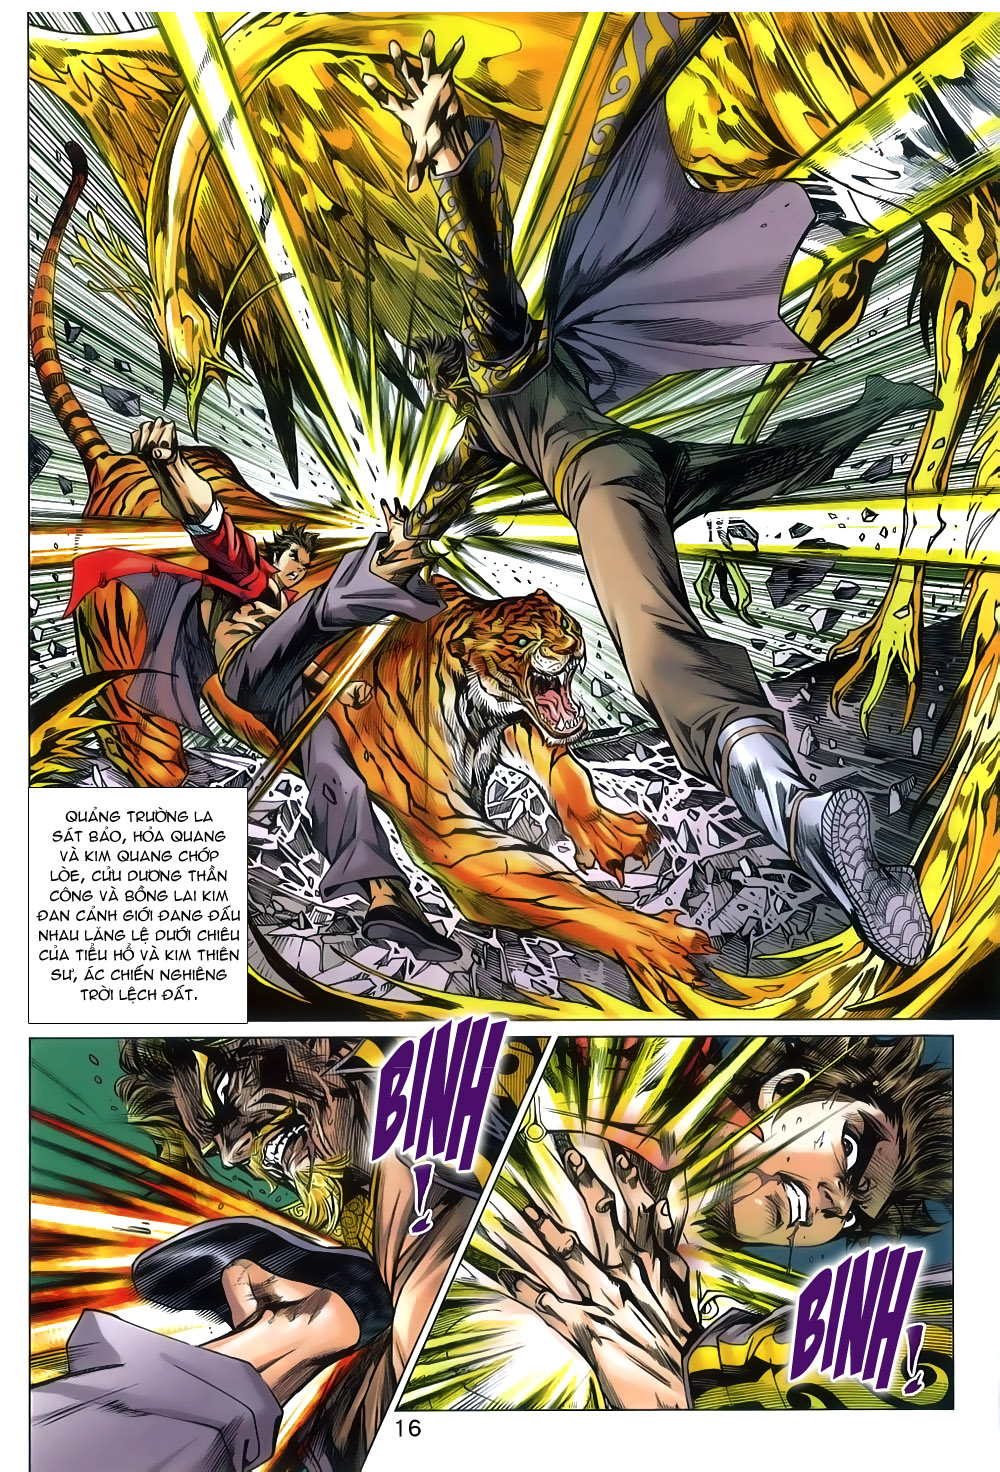 Tân Tác Long Hổ Môn chap 791 Trang 16 - Mangak.info